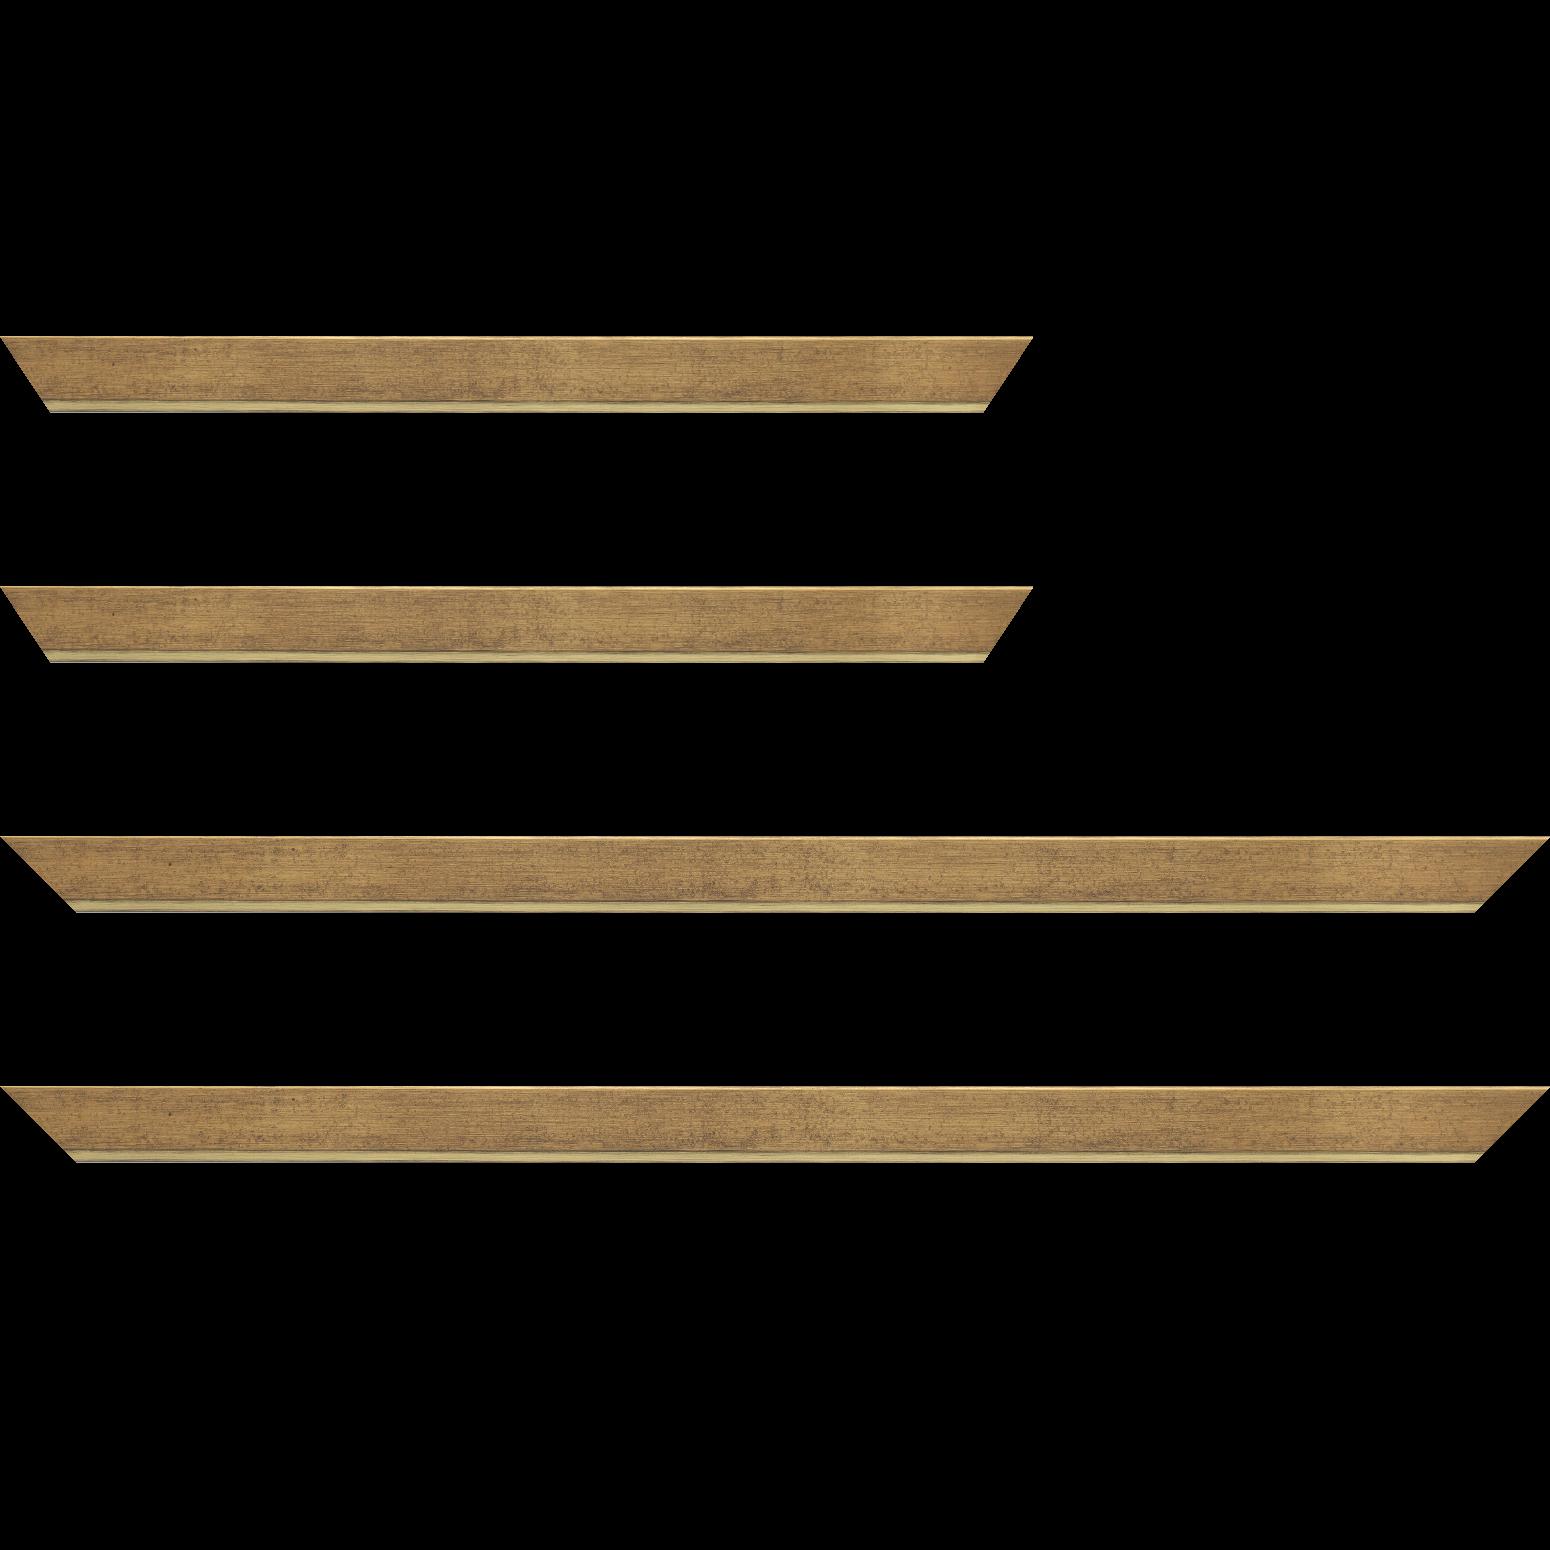 Baguette service précoupé bois profil incliné en pente largeur 2.5cm couleur or patiné filet or